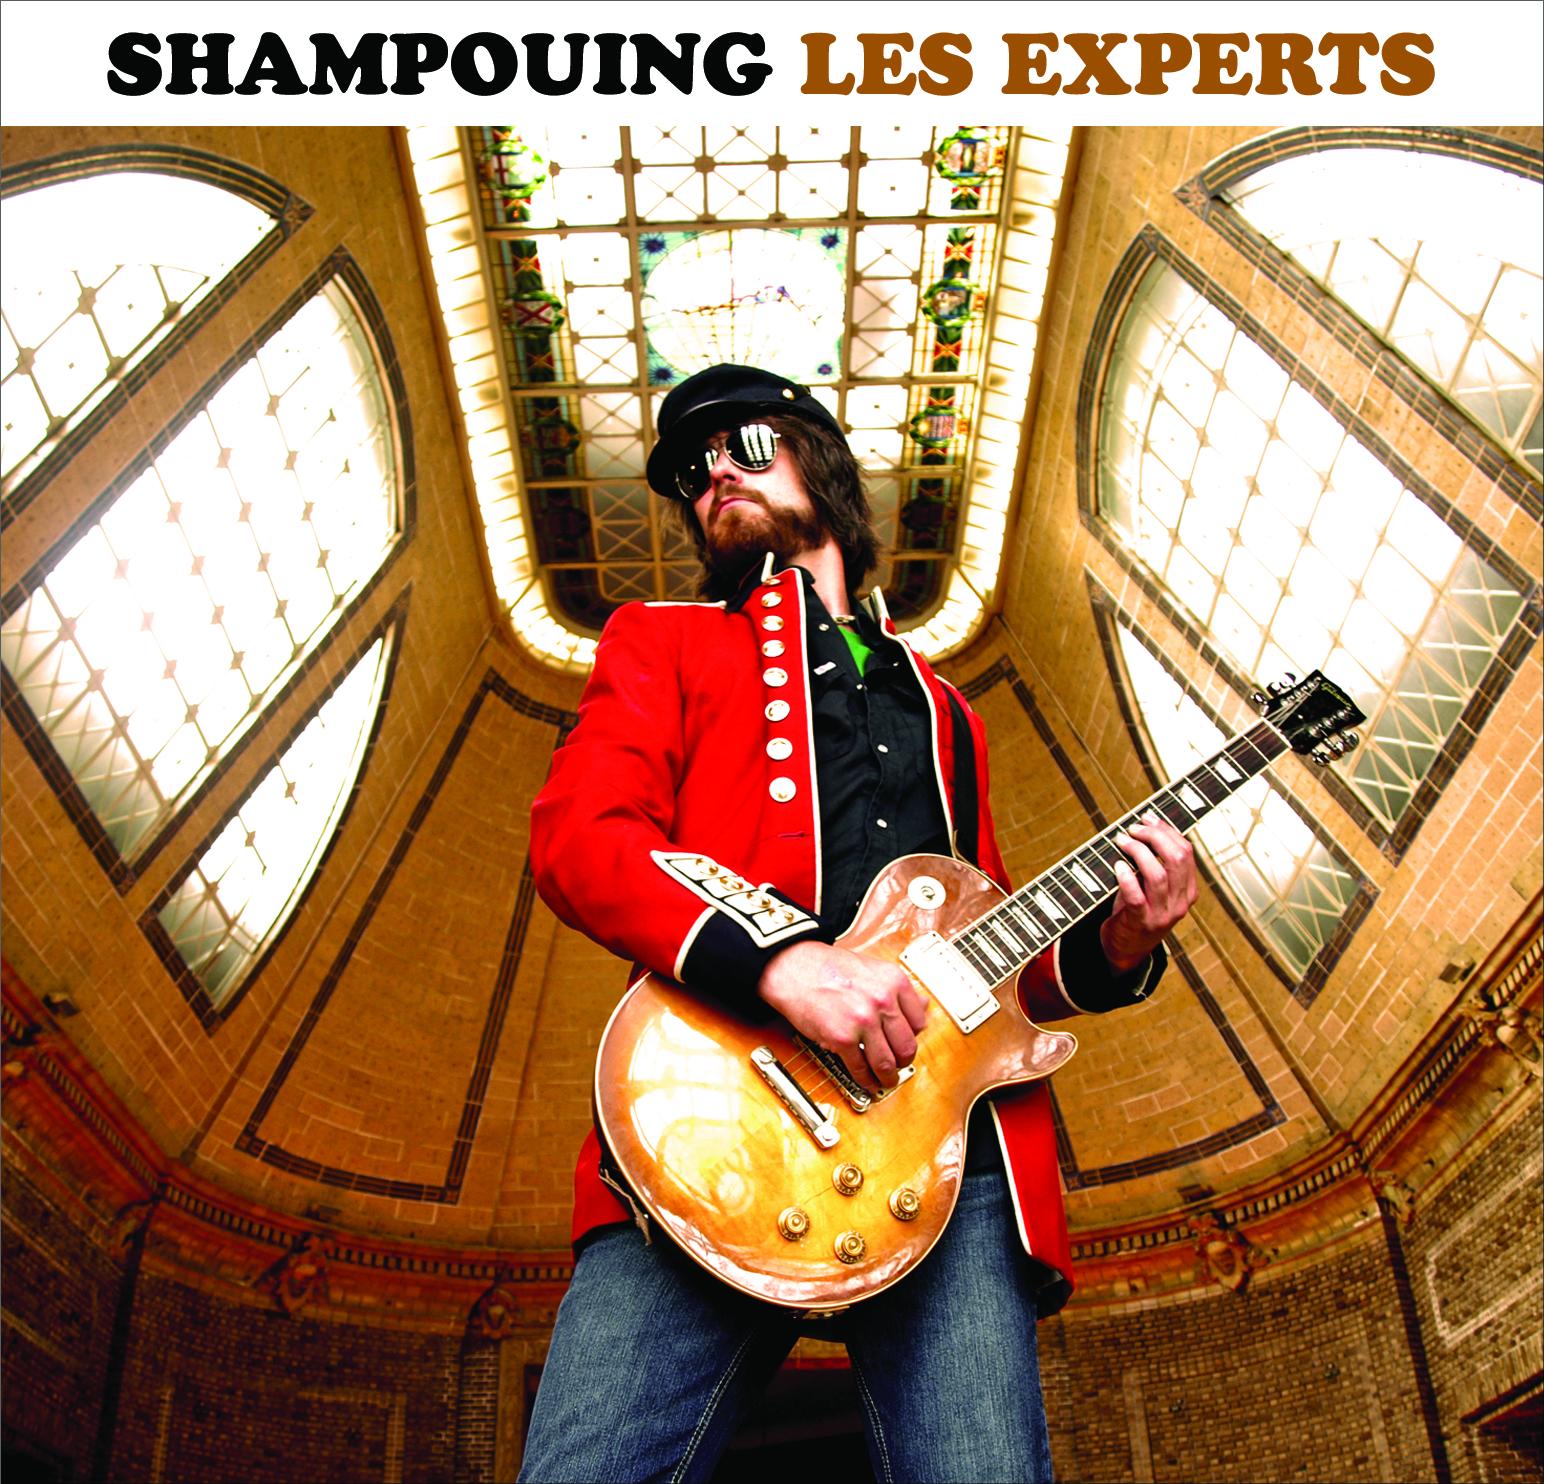 Shampouing / Les experts